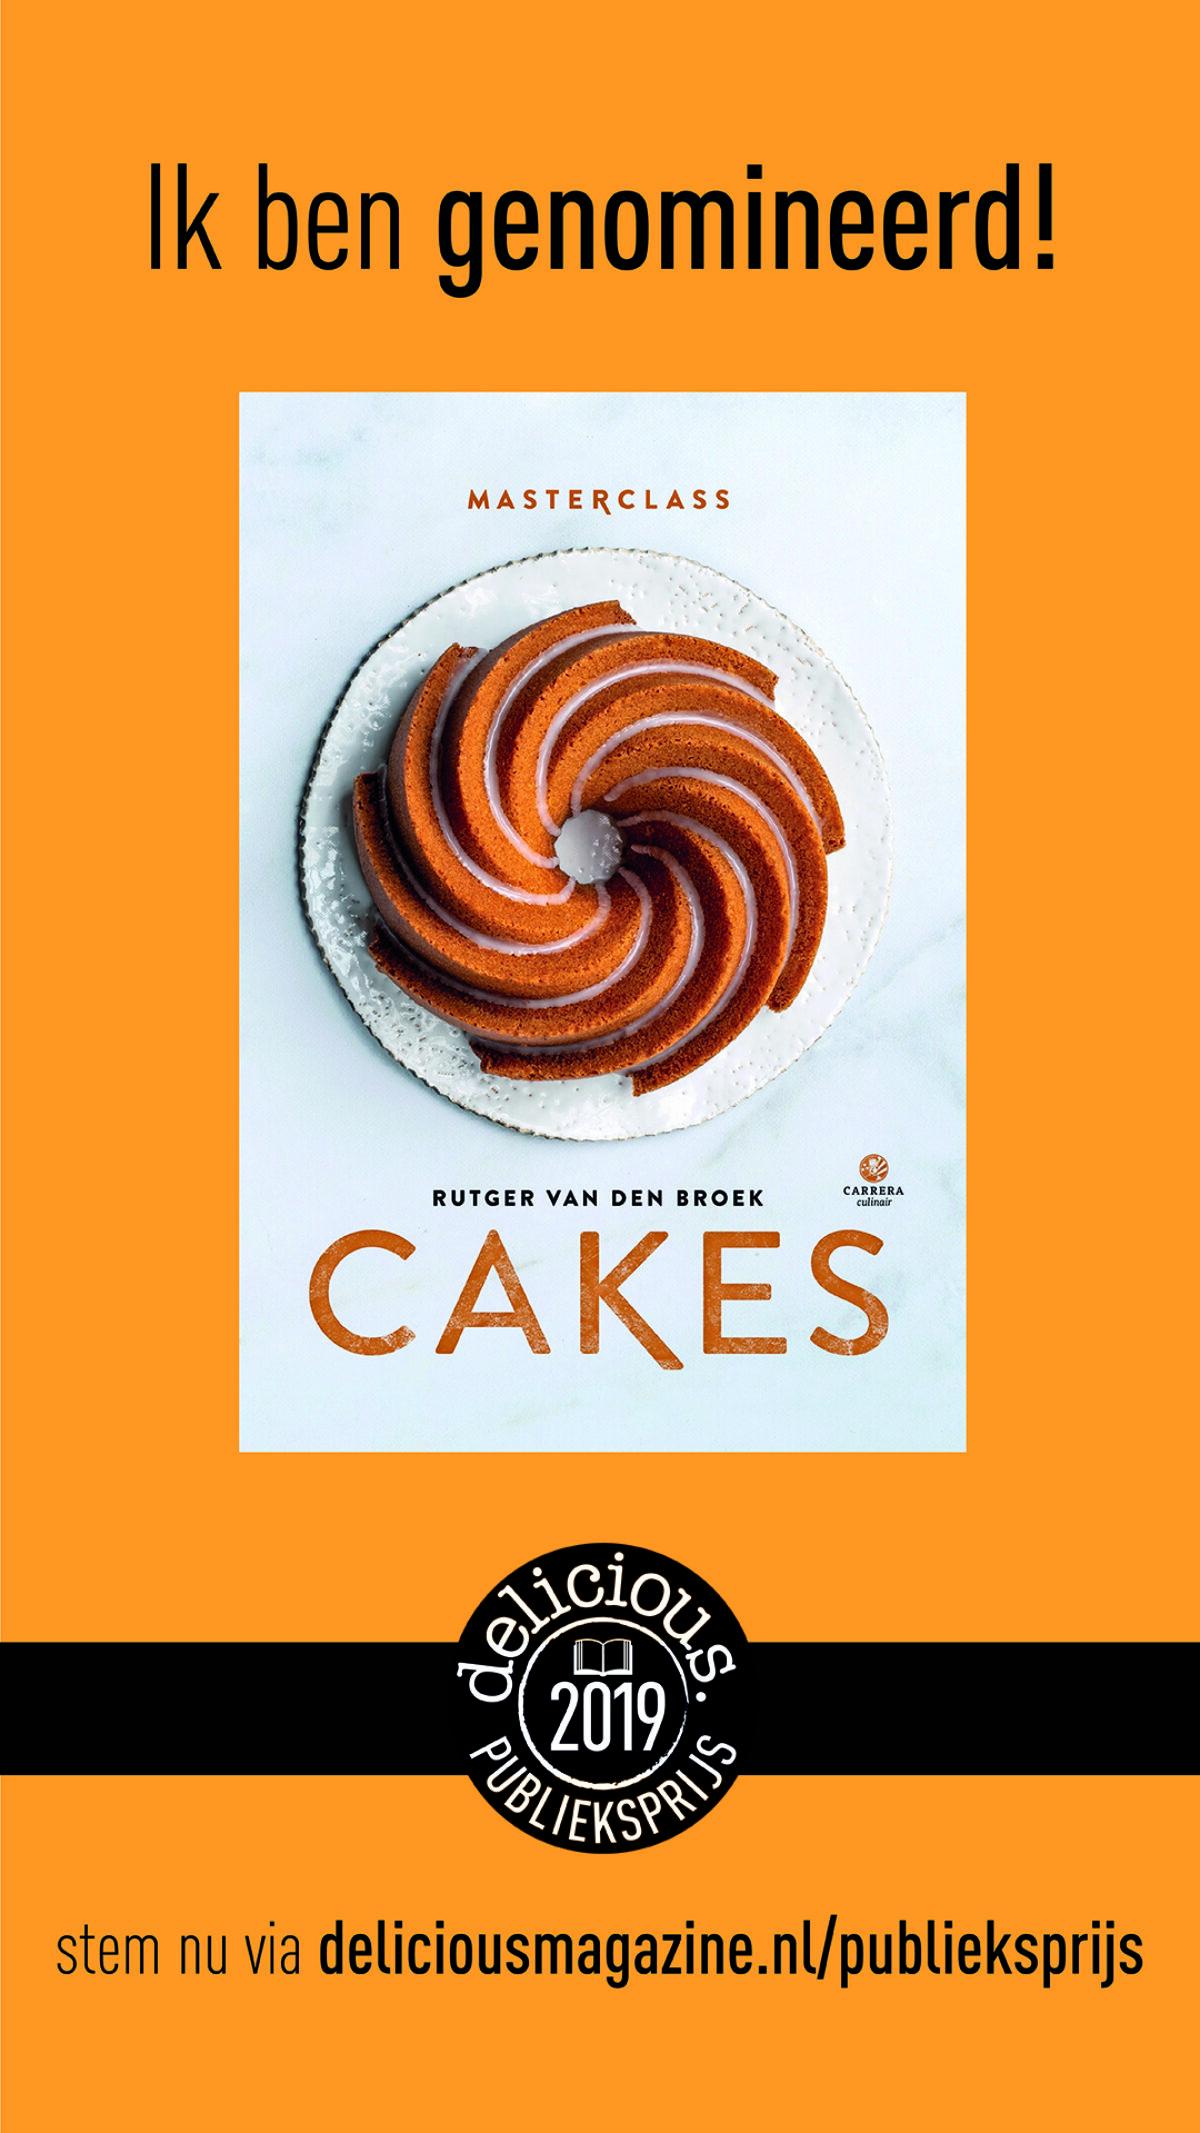 Masterclass Cakes is genomineerd!